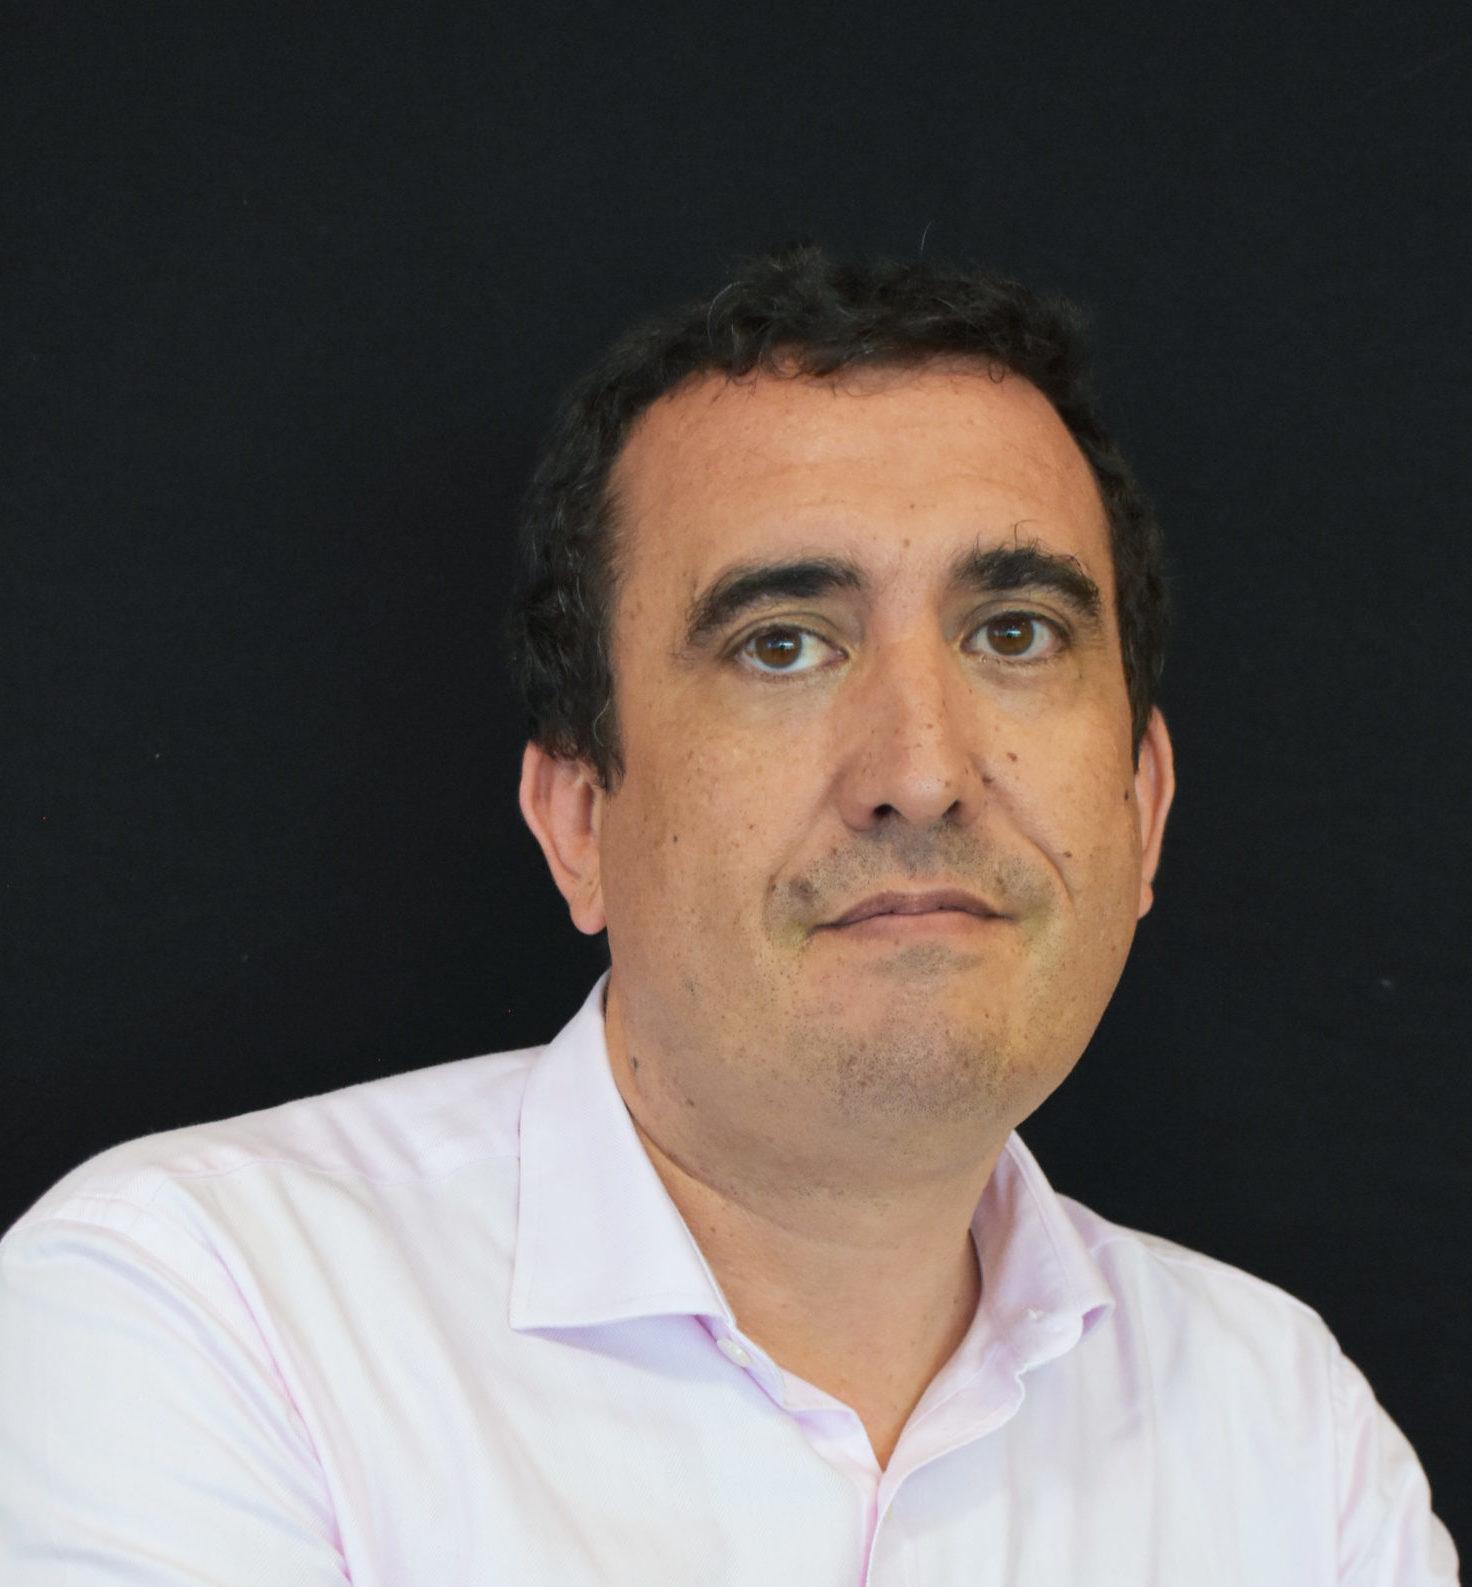 Karim Asehnoune